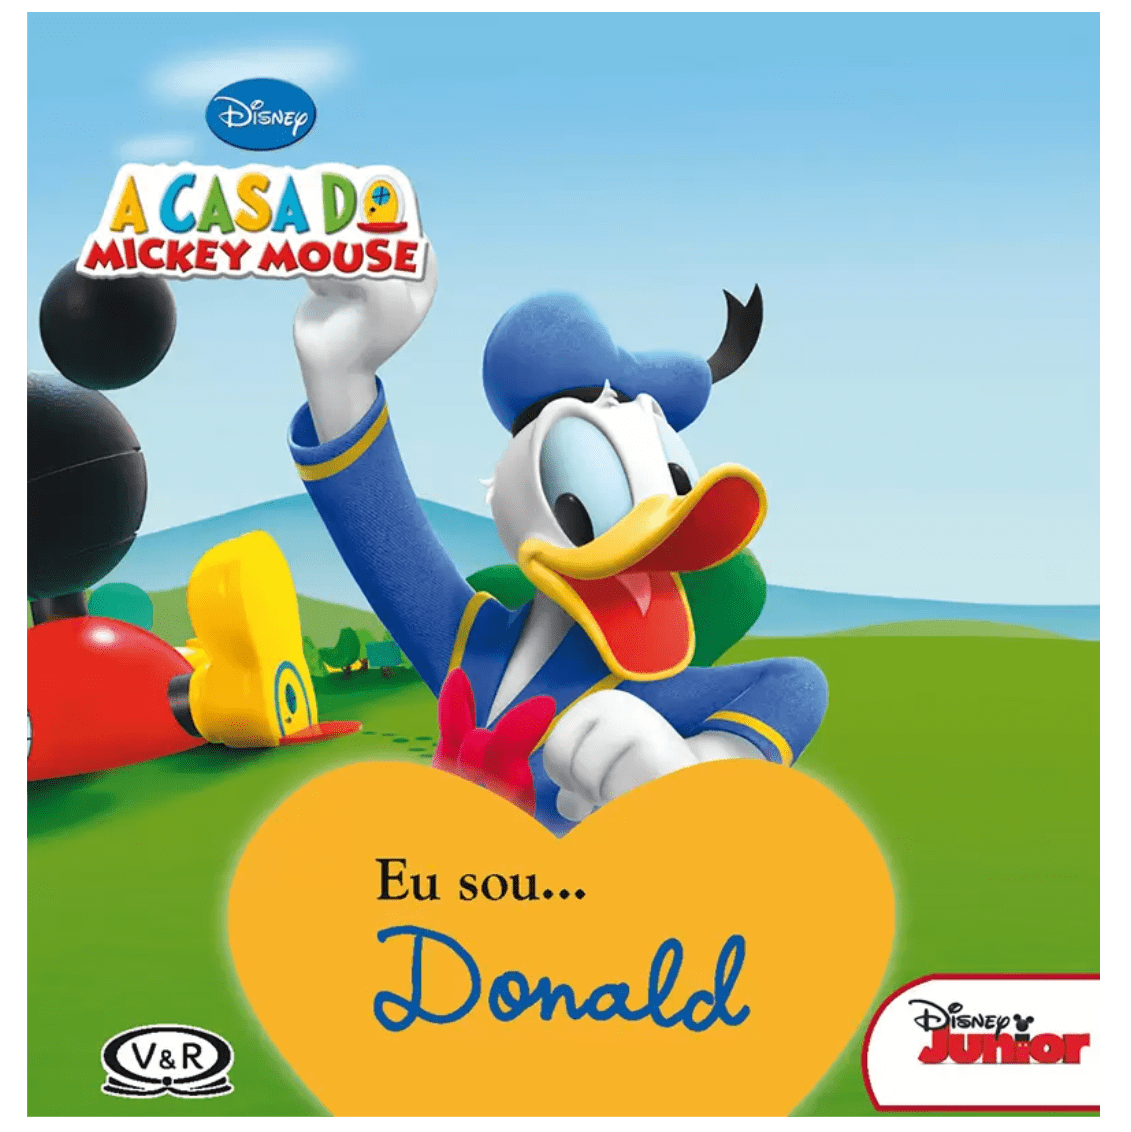 Eu Sou... Donald